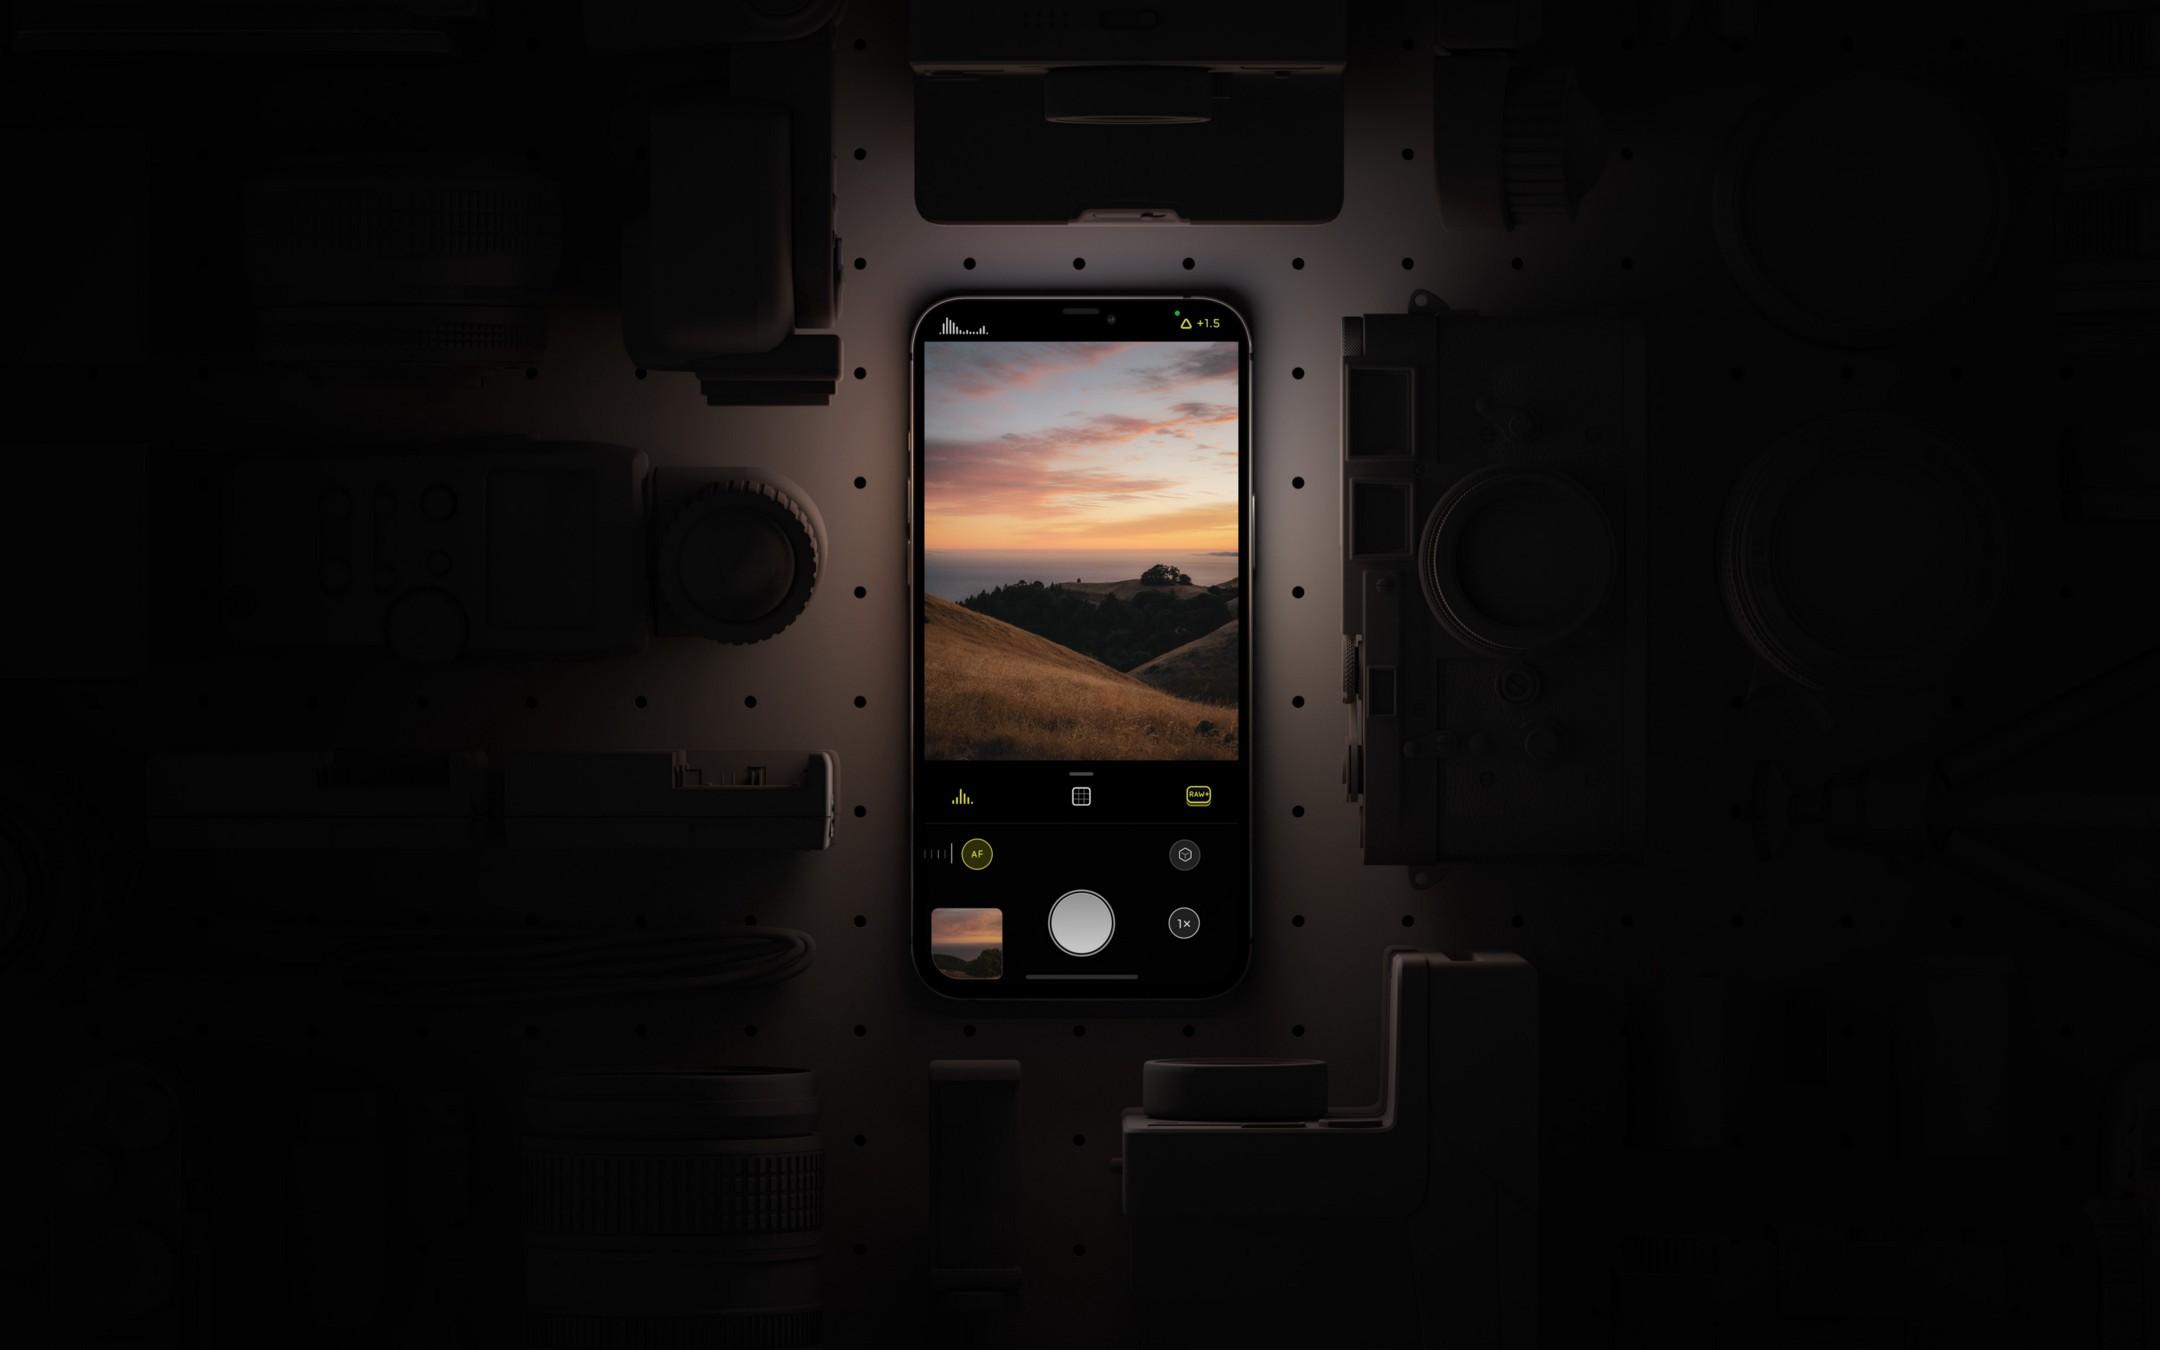 Halide iOS平台上的專業相機APP